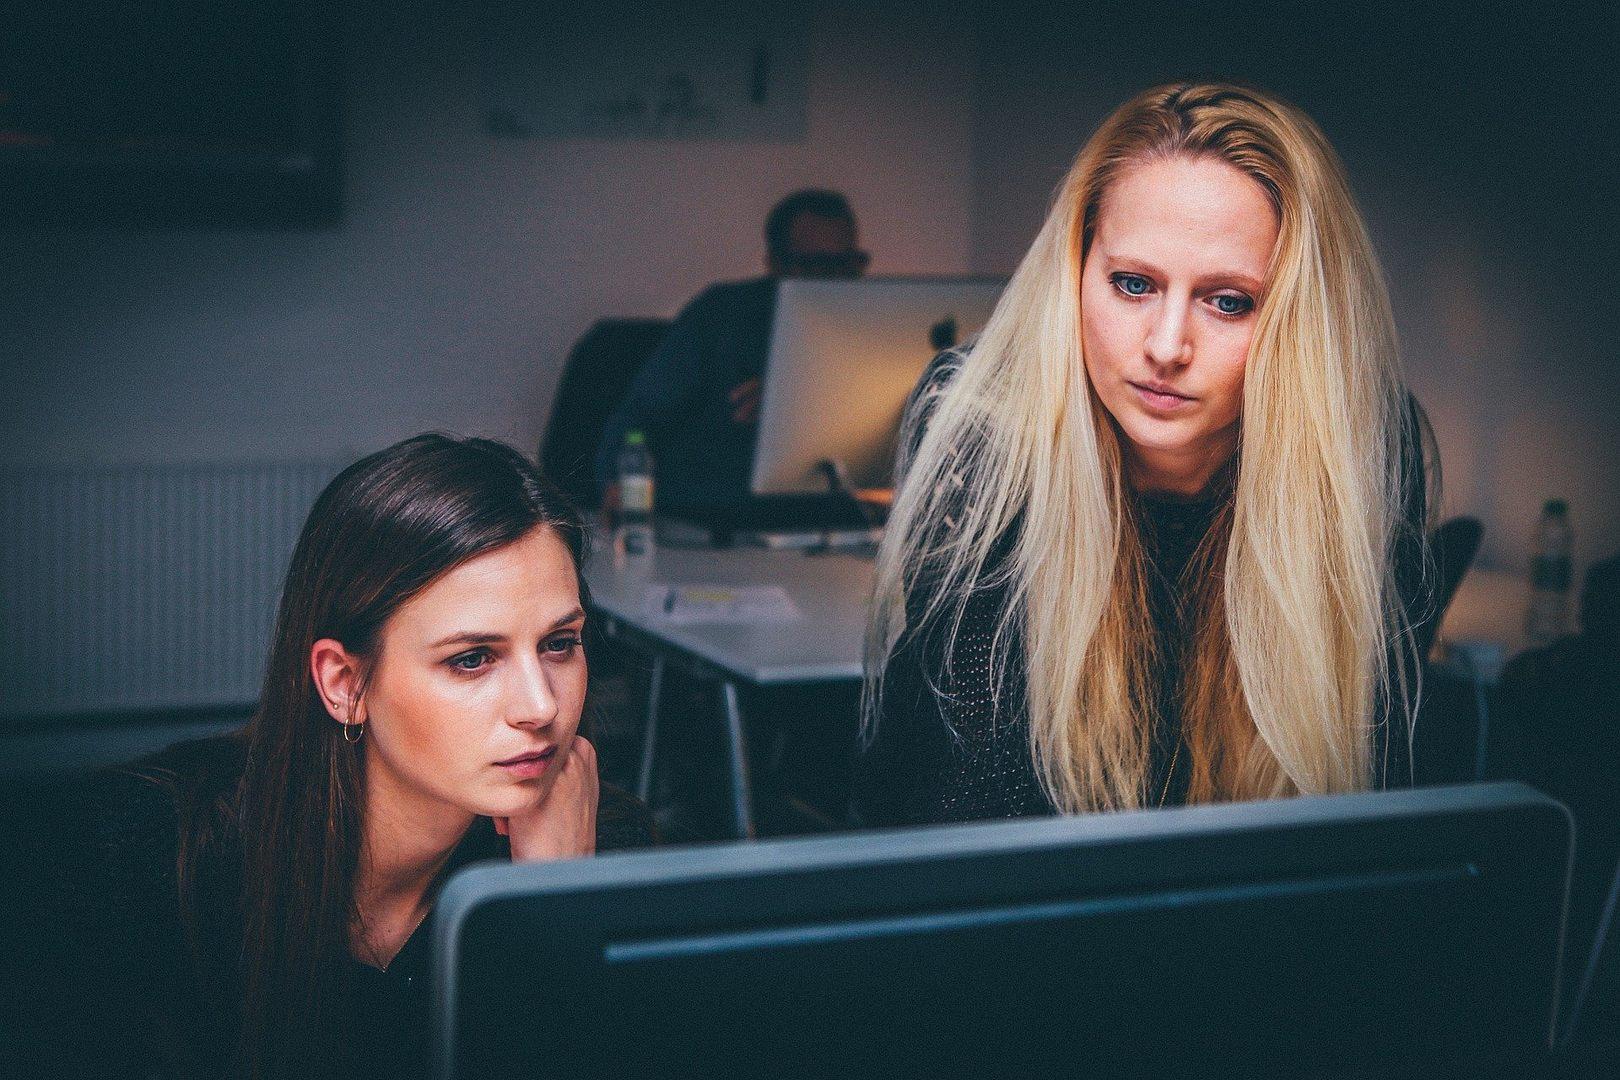 Doradztwo zawodowe i szkolenia dla osób pracujących